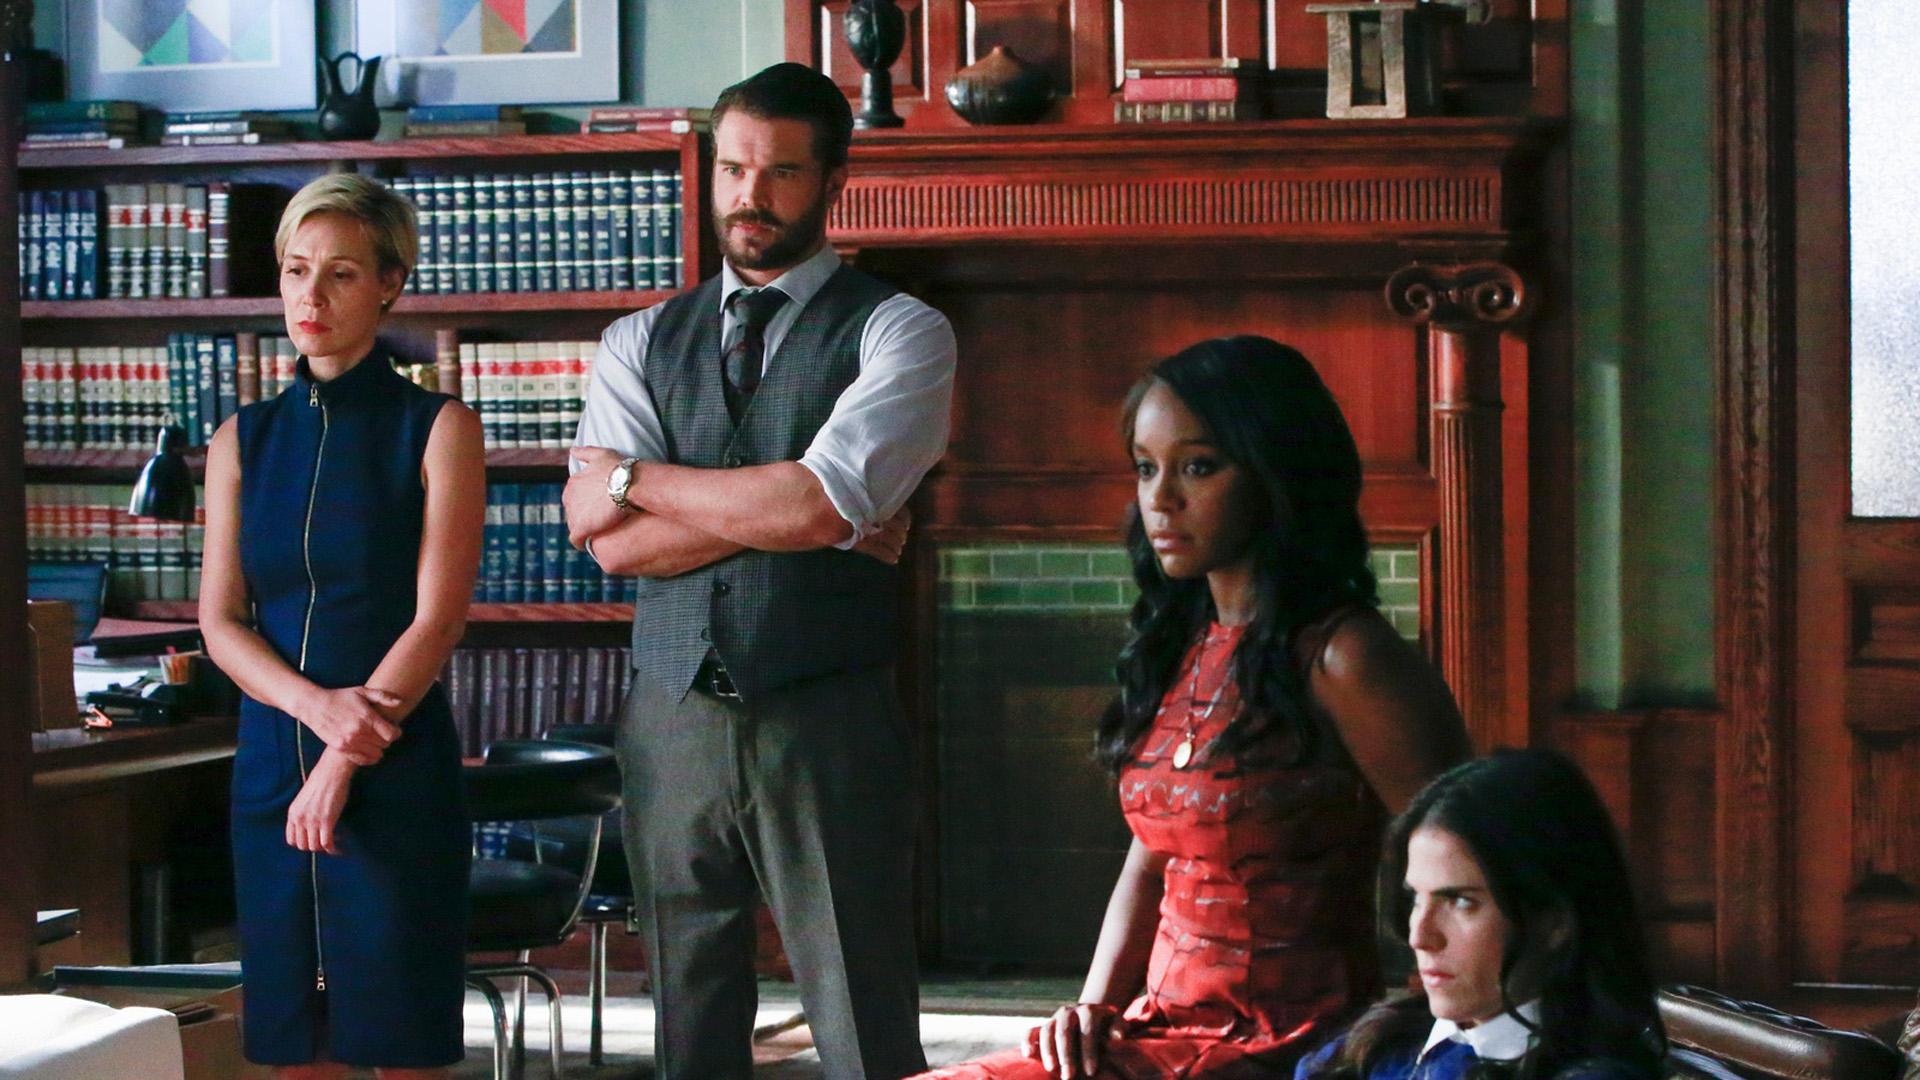 Bonnie (Liza Weil) og Frank (Charlie Weber) fortsetter å jobbe tett med studentene. Bådenår det gjelder jus og privatliv. (Foto: SBS Discovery)